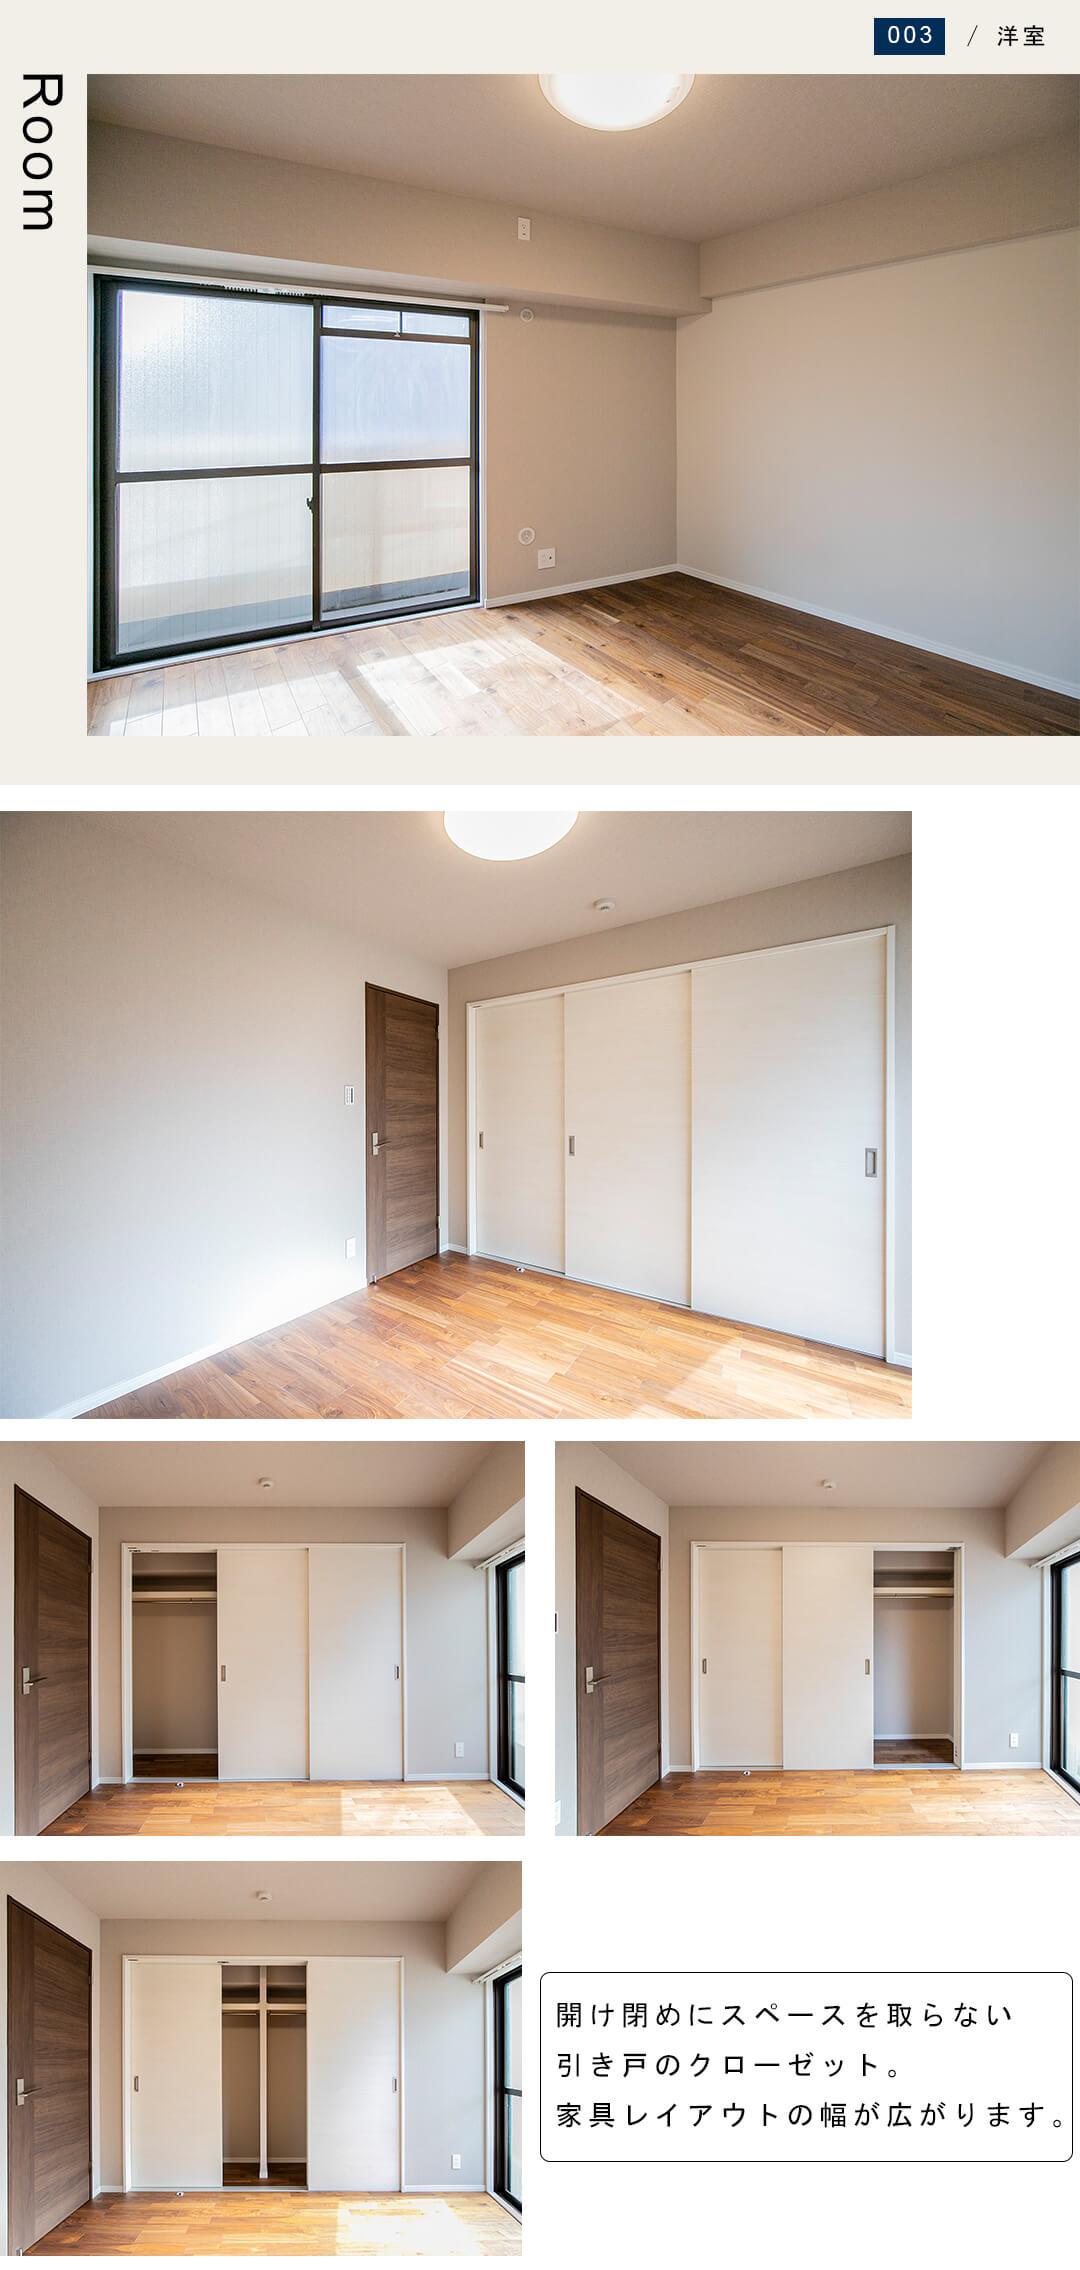 DOM経堂マンションの洋室